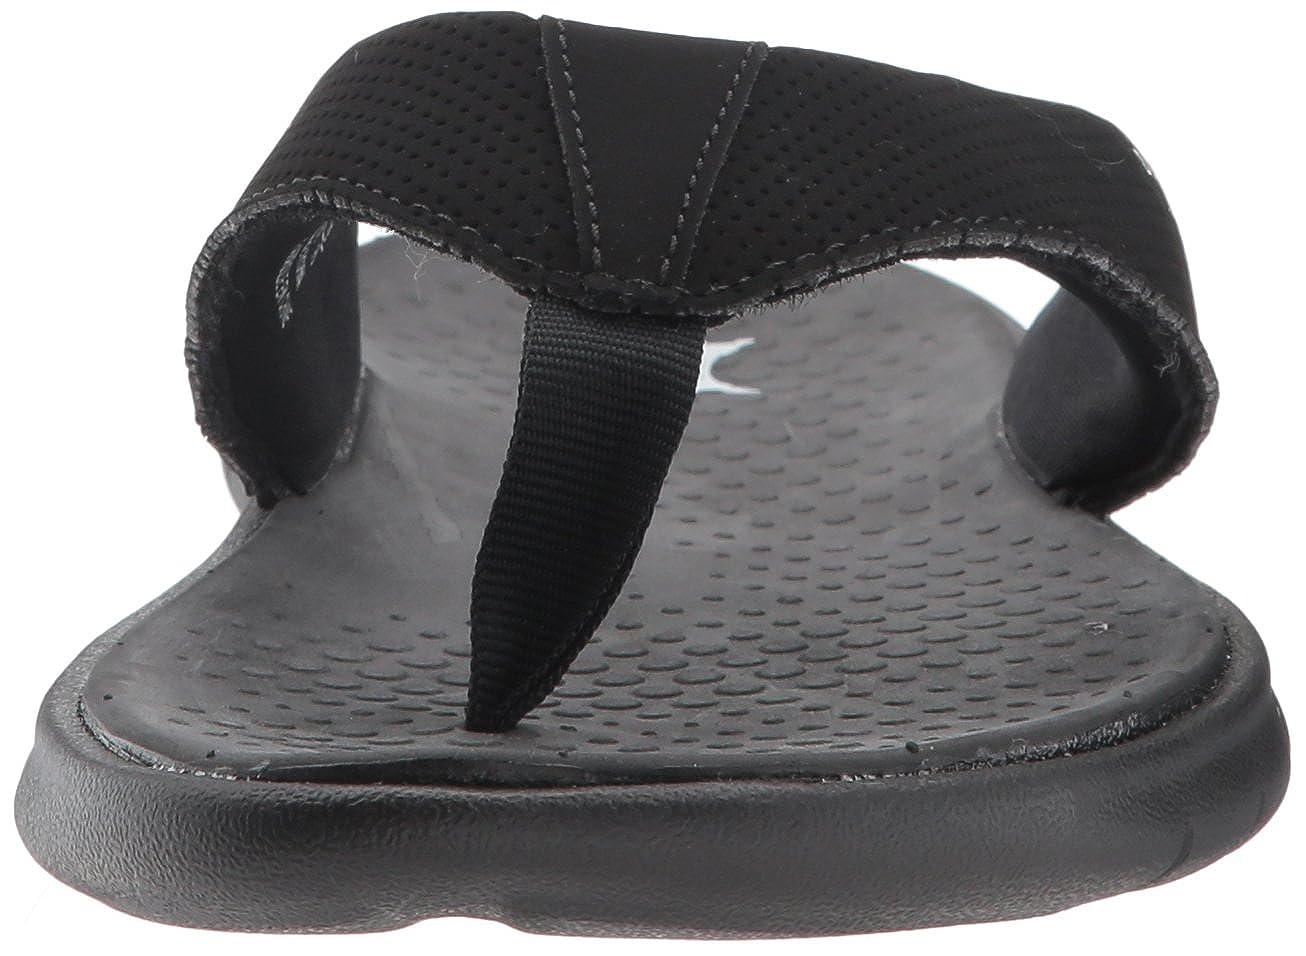 7250a5535bd5 Amazon.com  Hurley Men s Flex 2.0 Flip-Flop  Shoes